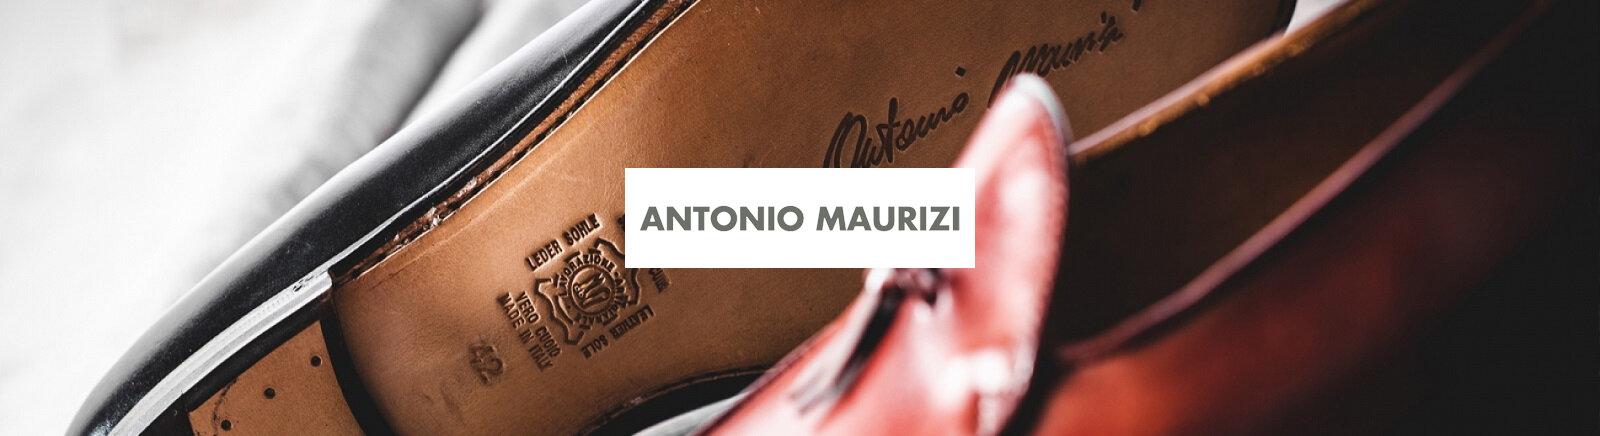 Juppen: Antonio Maurizi Stiefeletten für Herren online shoppen